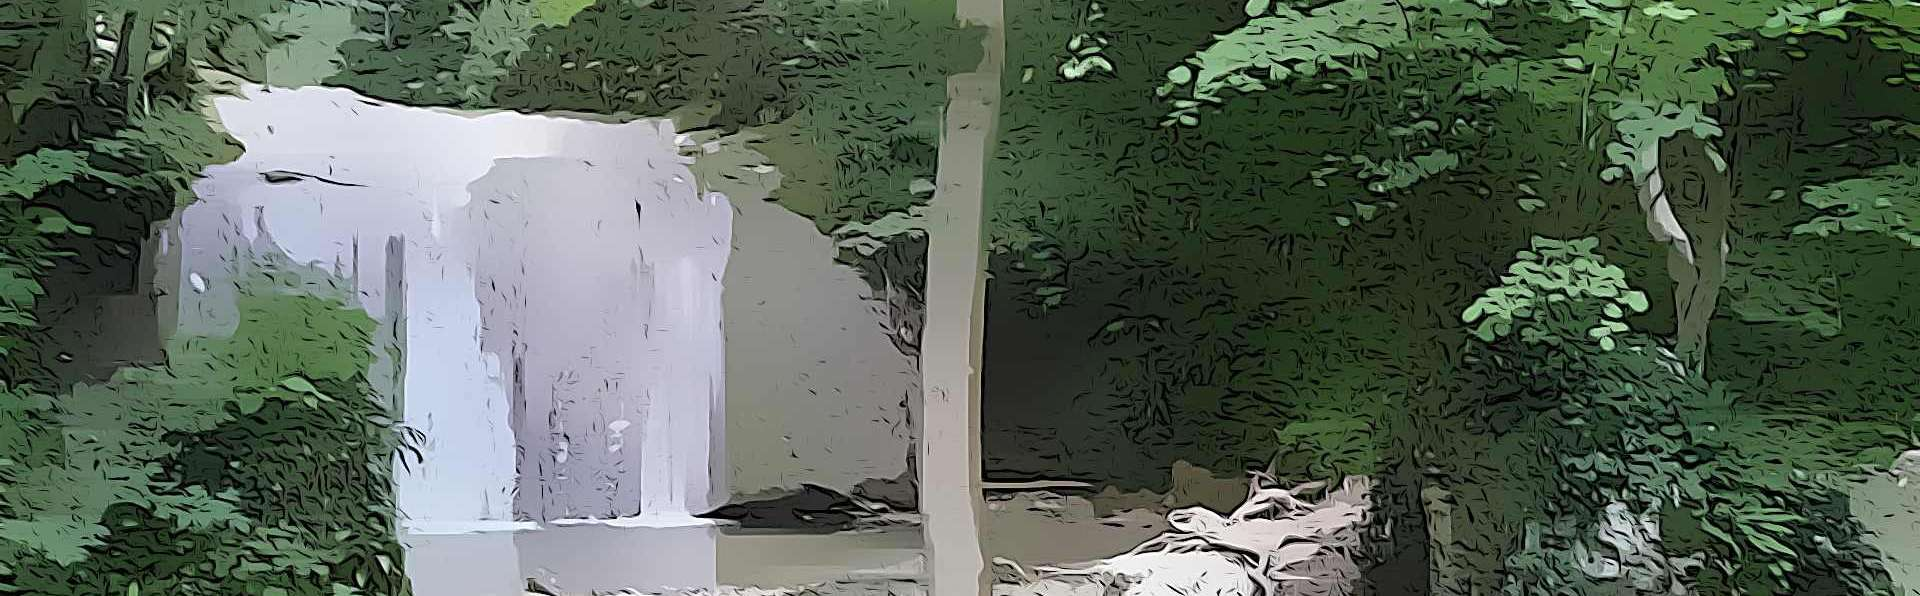 Der Wasserfall von Molina